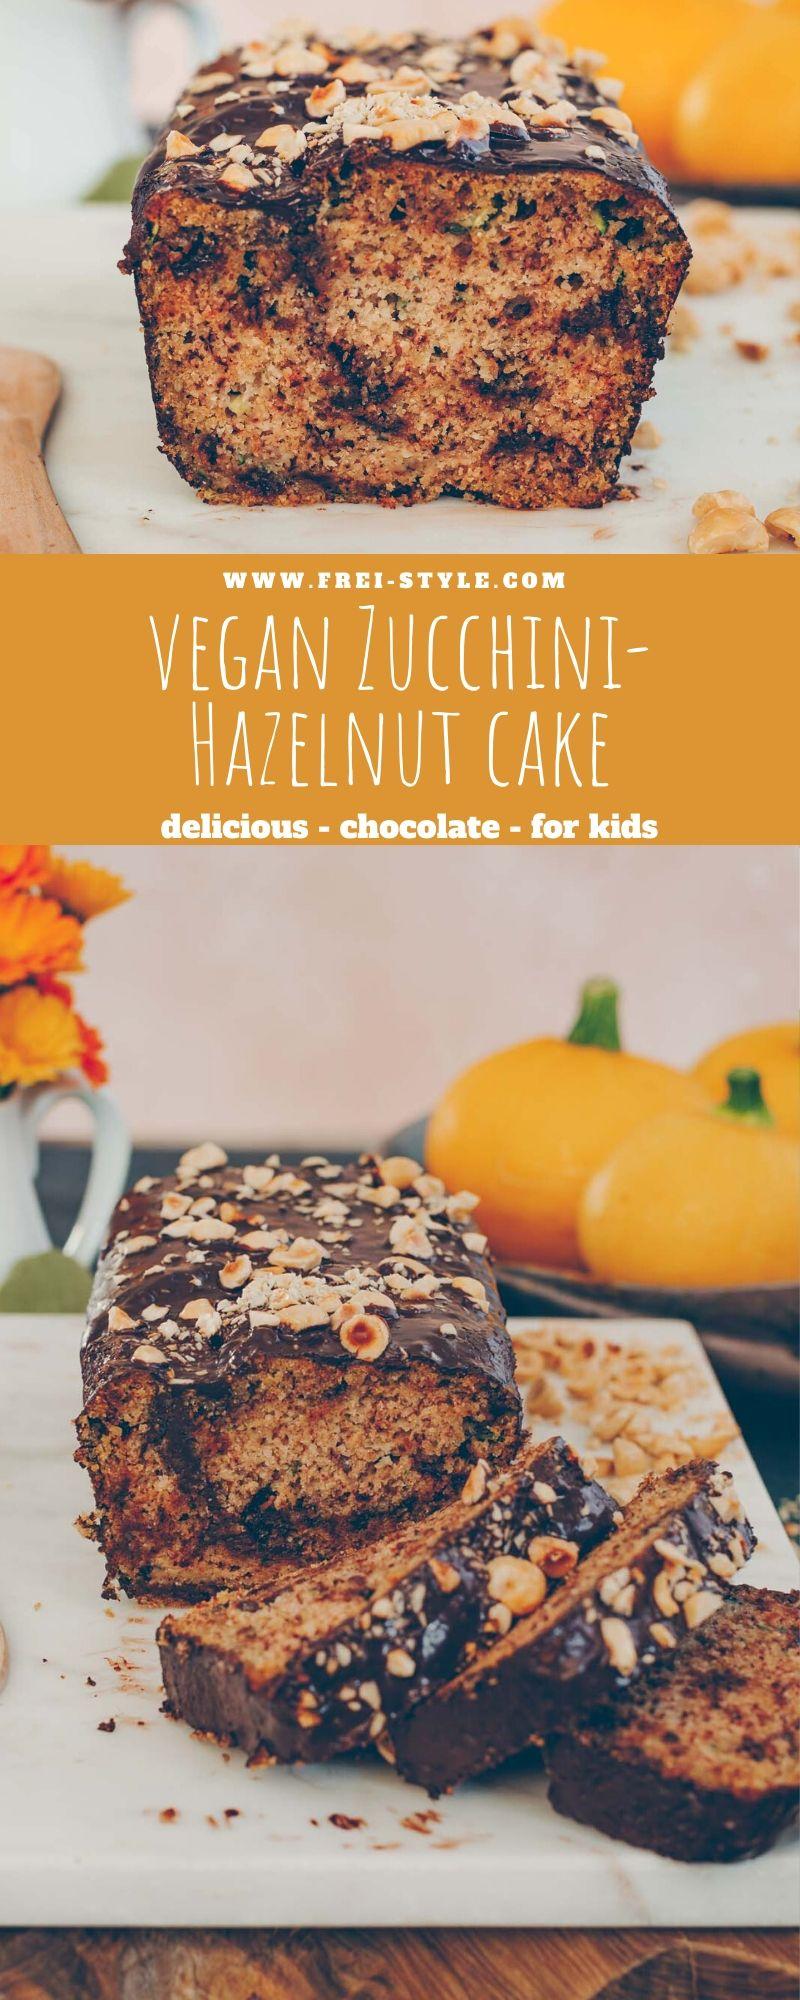 Zucchini hazelnut cake